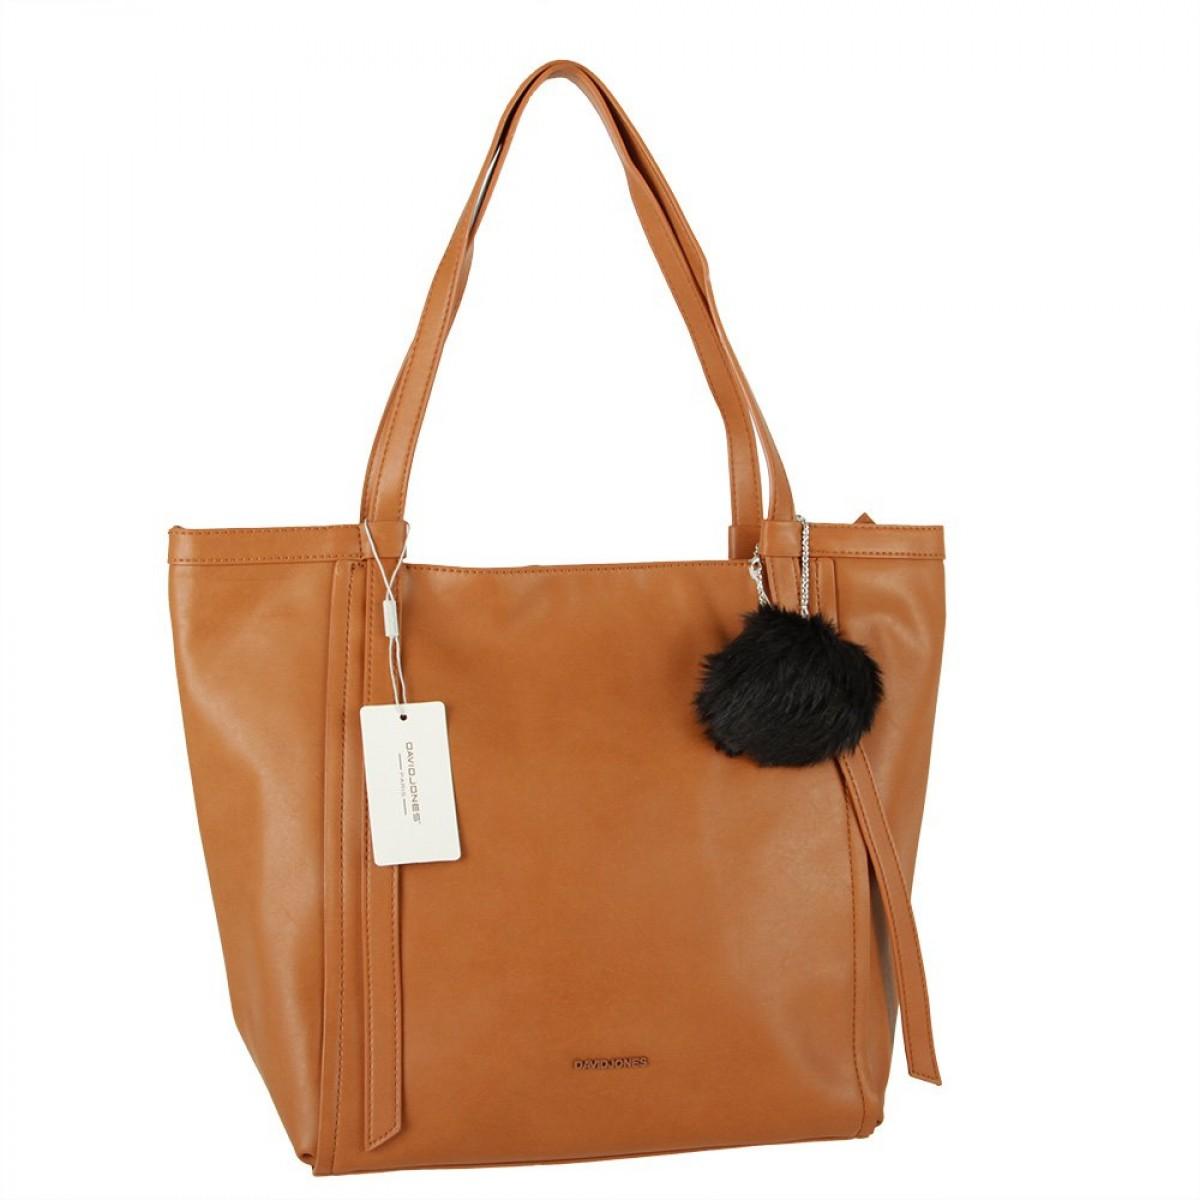 Жіноча сумка David Jones CM5856 COGNAC